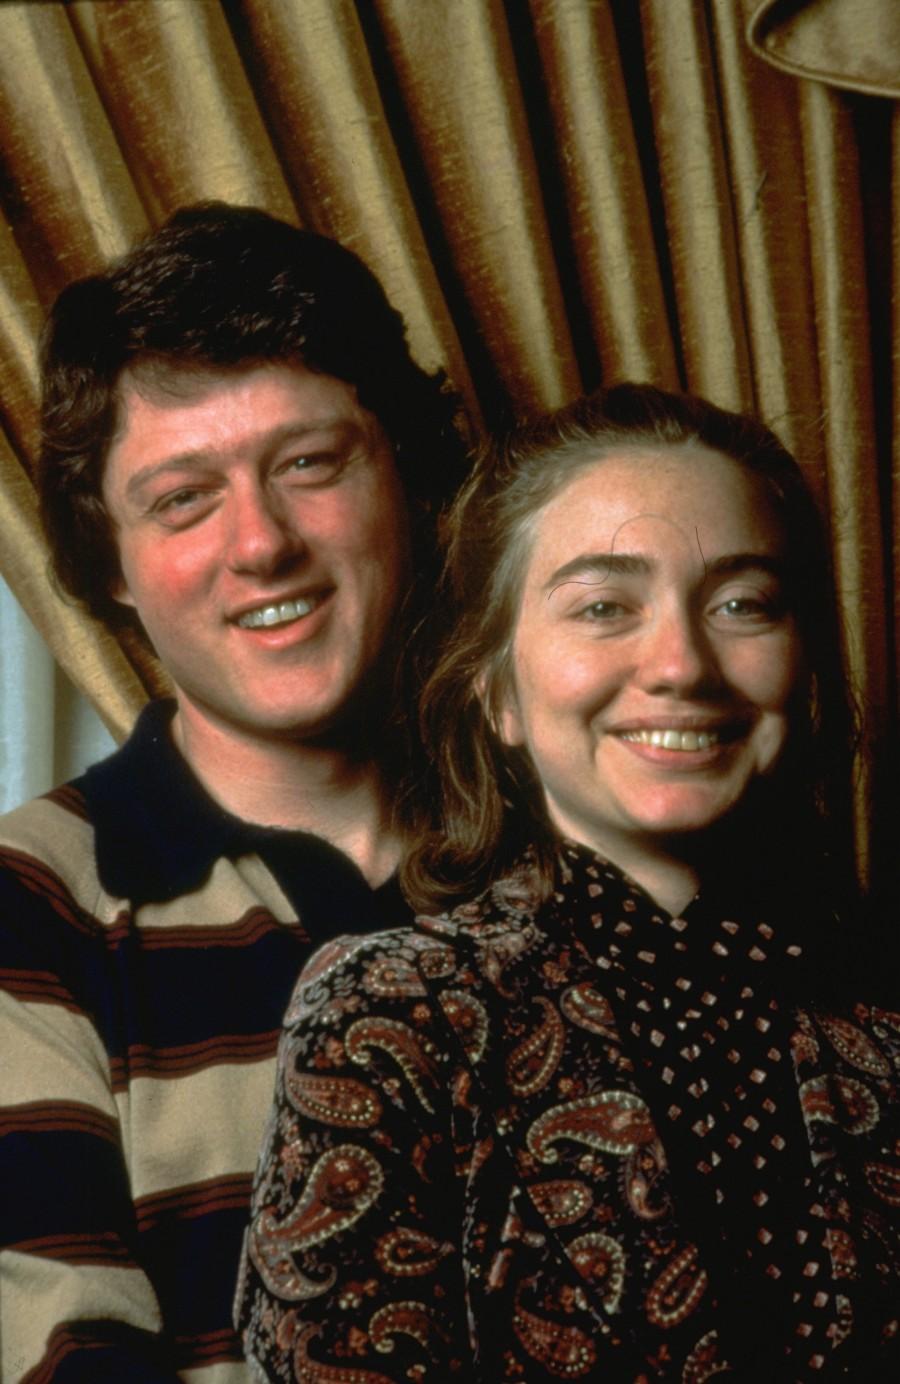 كيف كانت هيلاري كلينتون خلال طفولتها وشبابها ؟